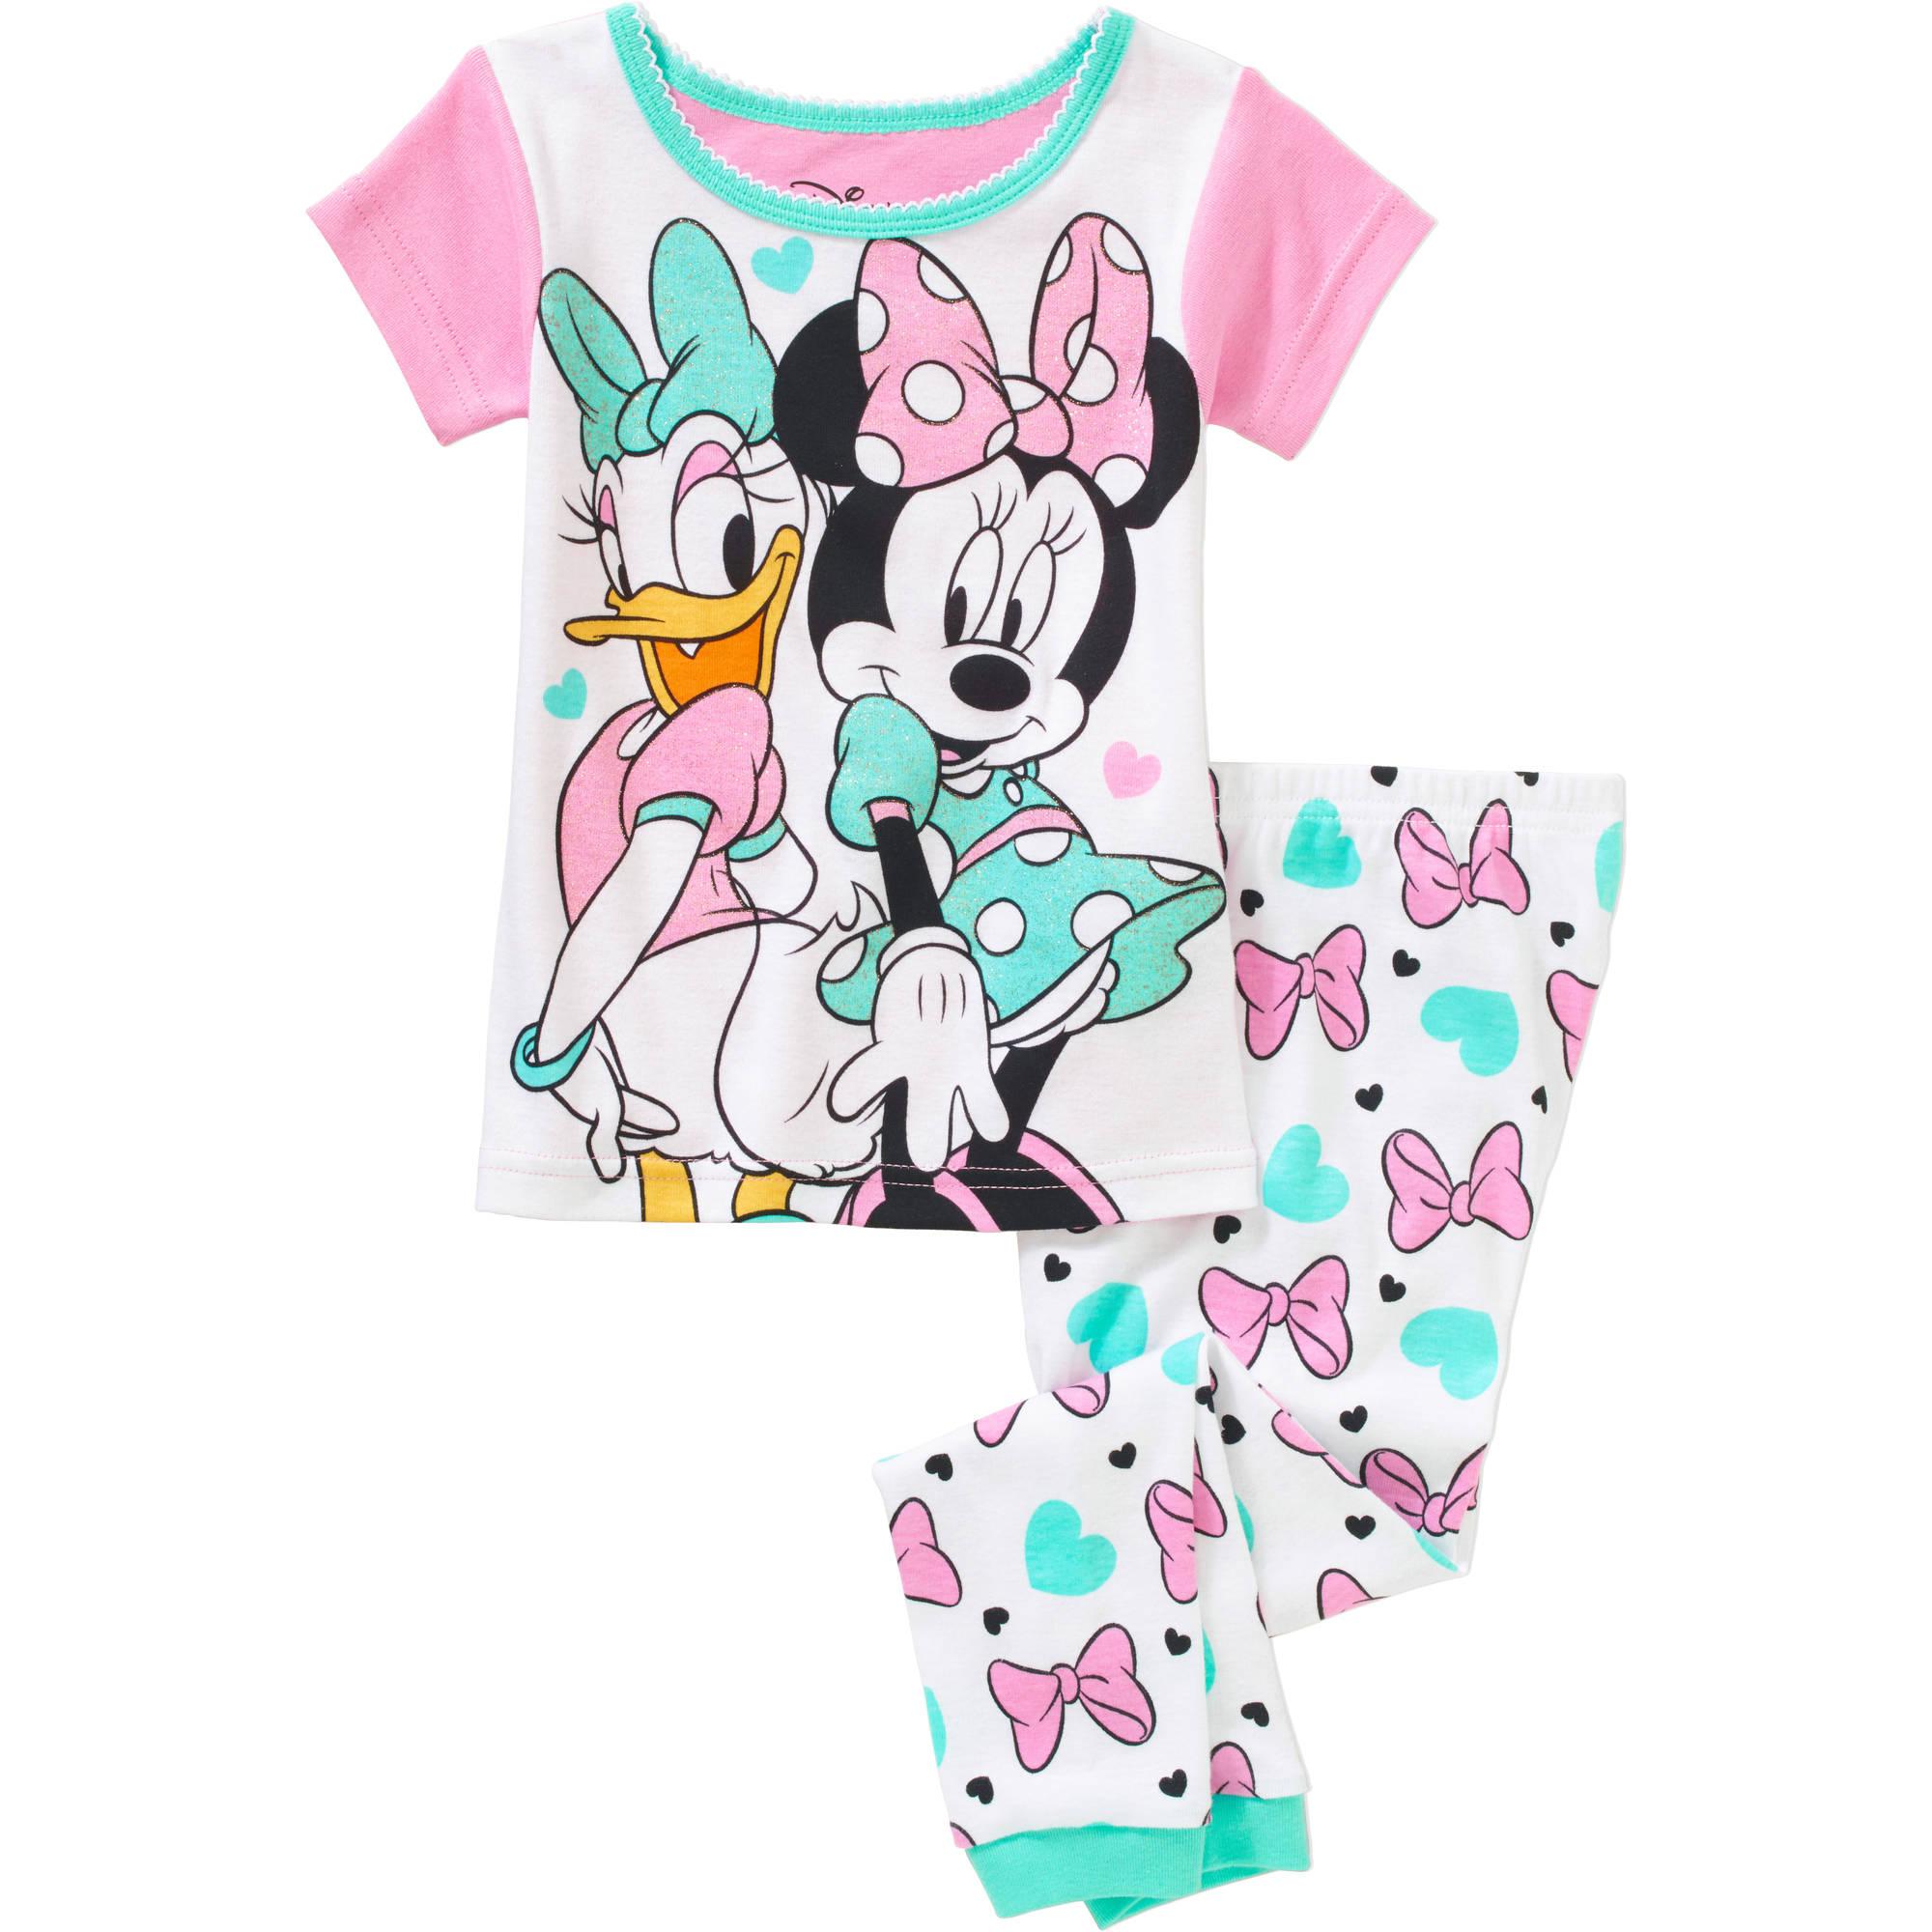 Minnie Toddler Girl Licensed Cotton Pajama Sleepwear Set